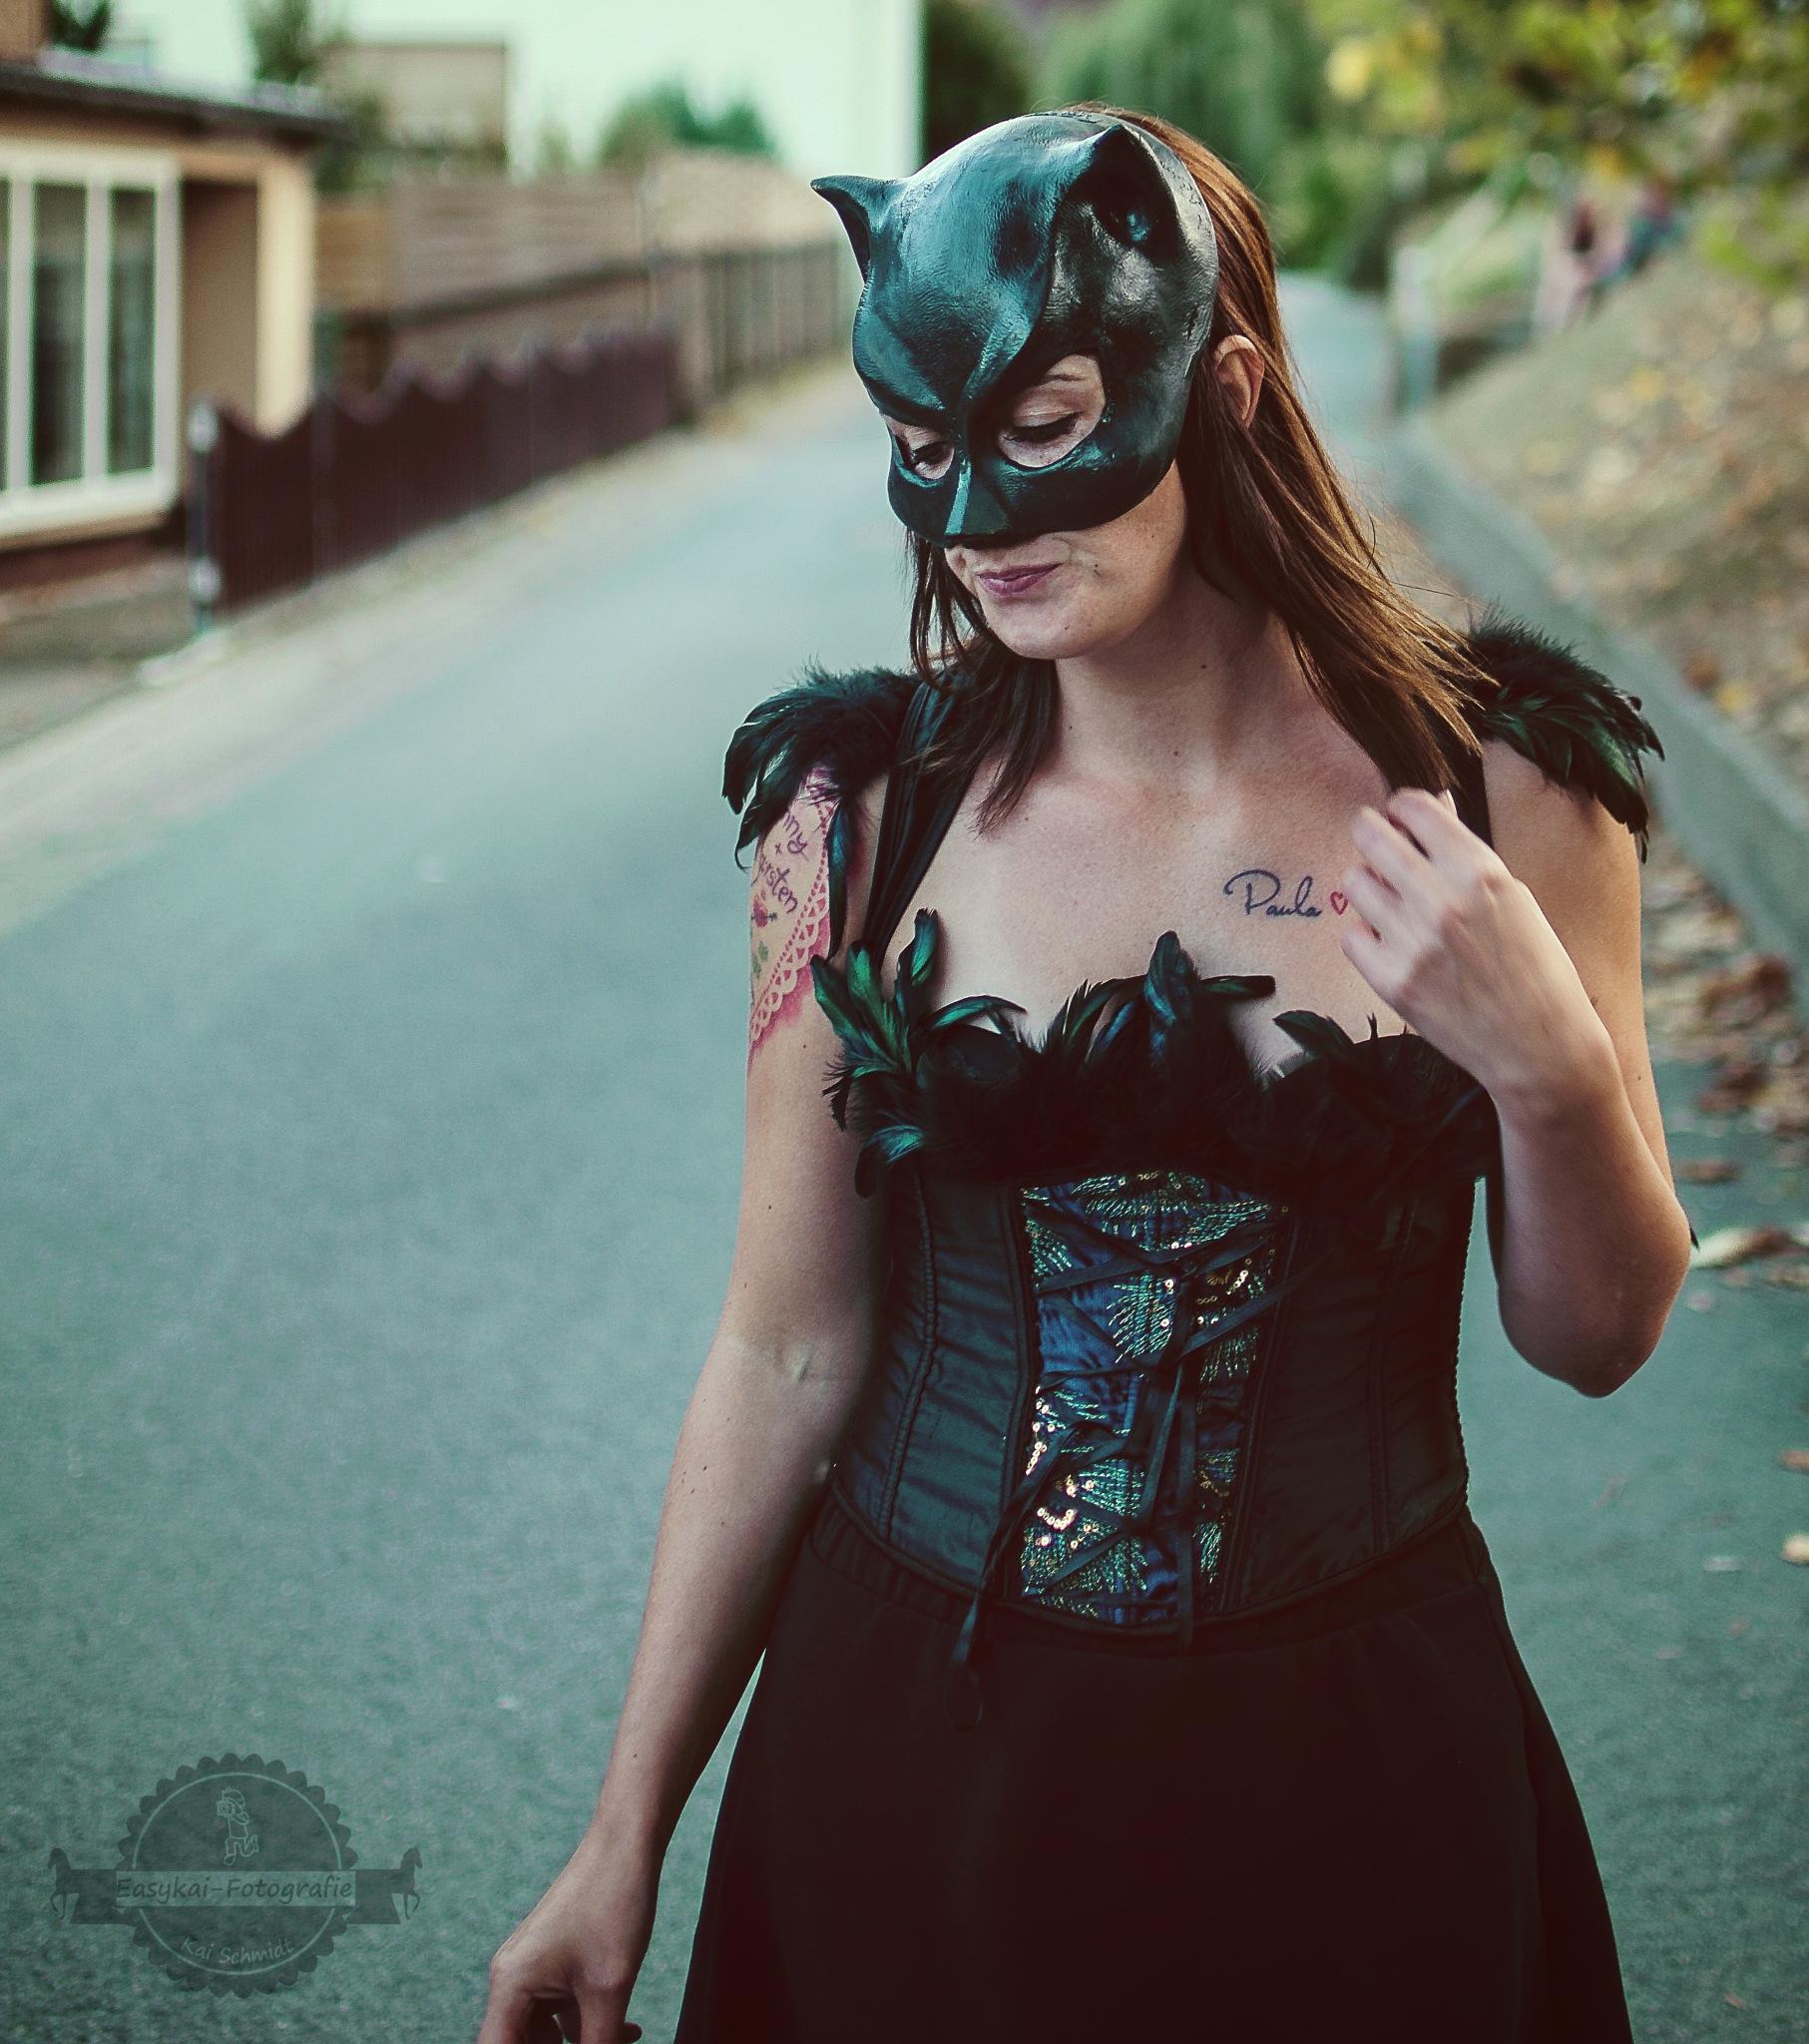 catwoman by EasykaiFotografie